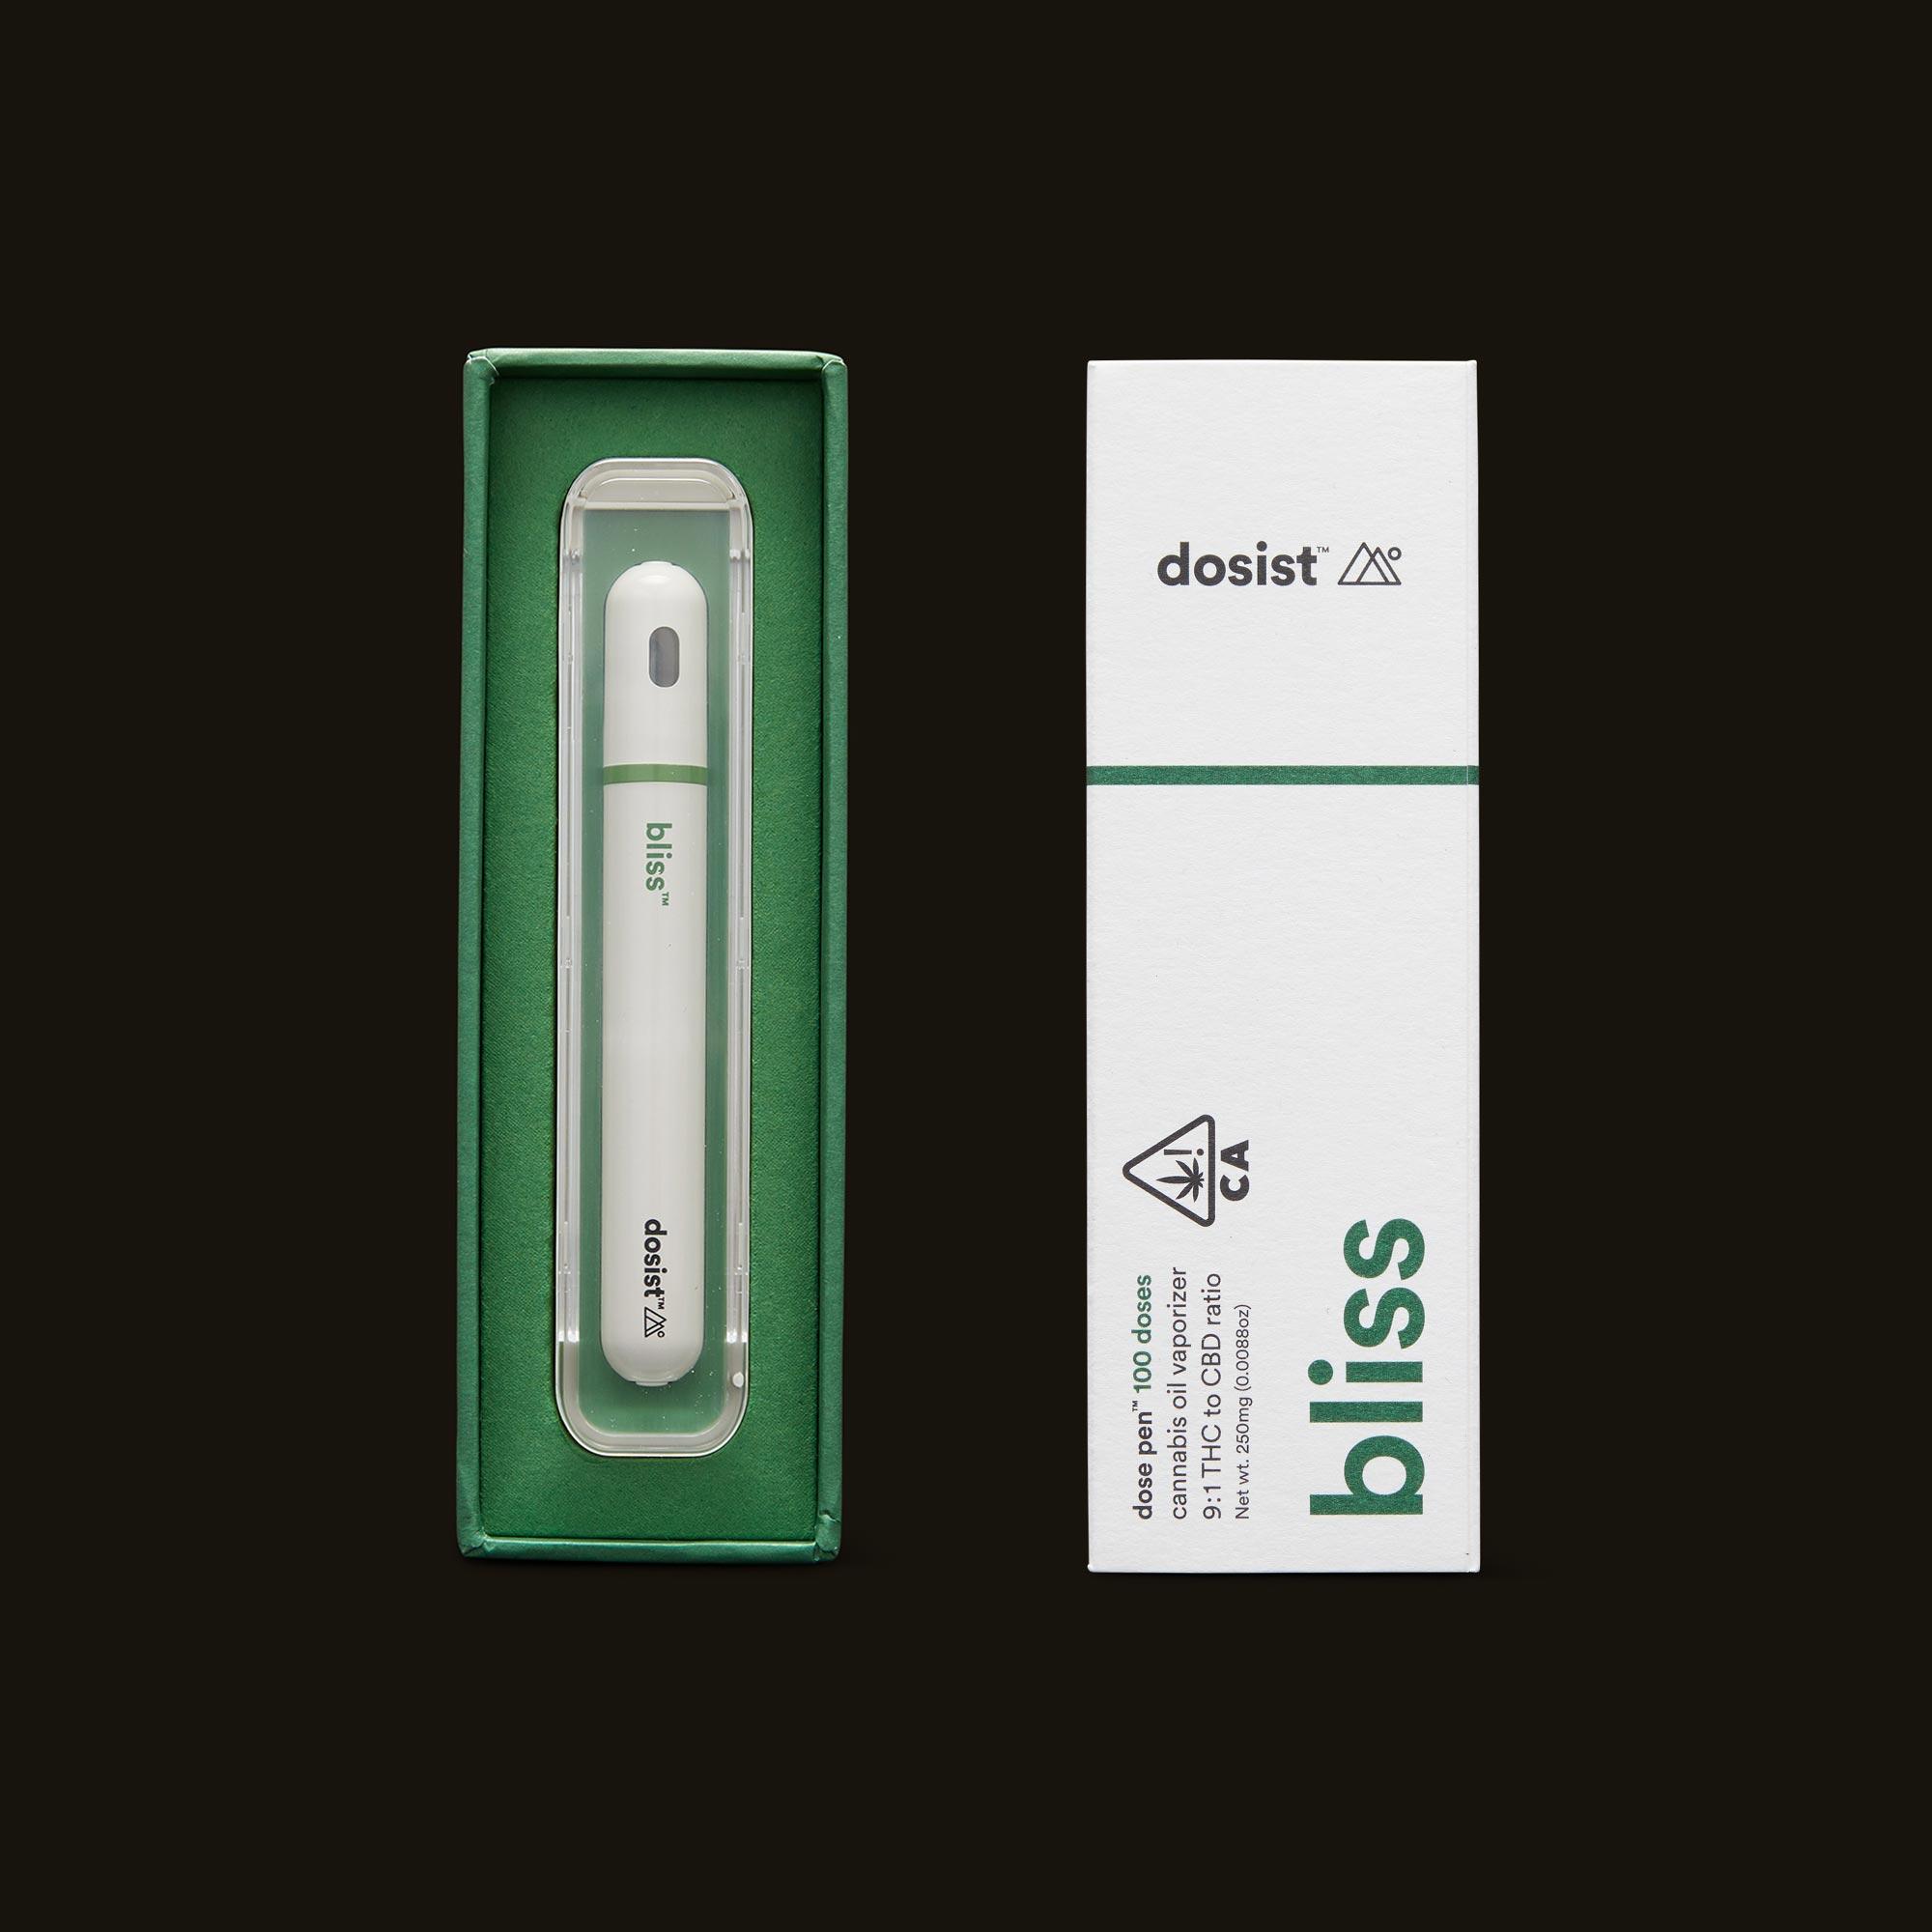 dosist bliss dose pen open box